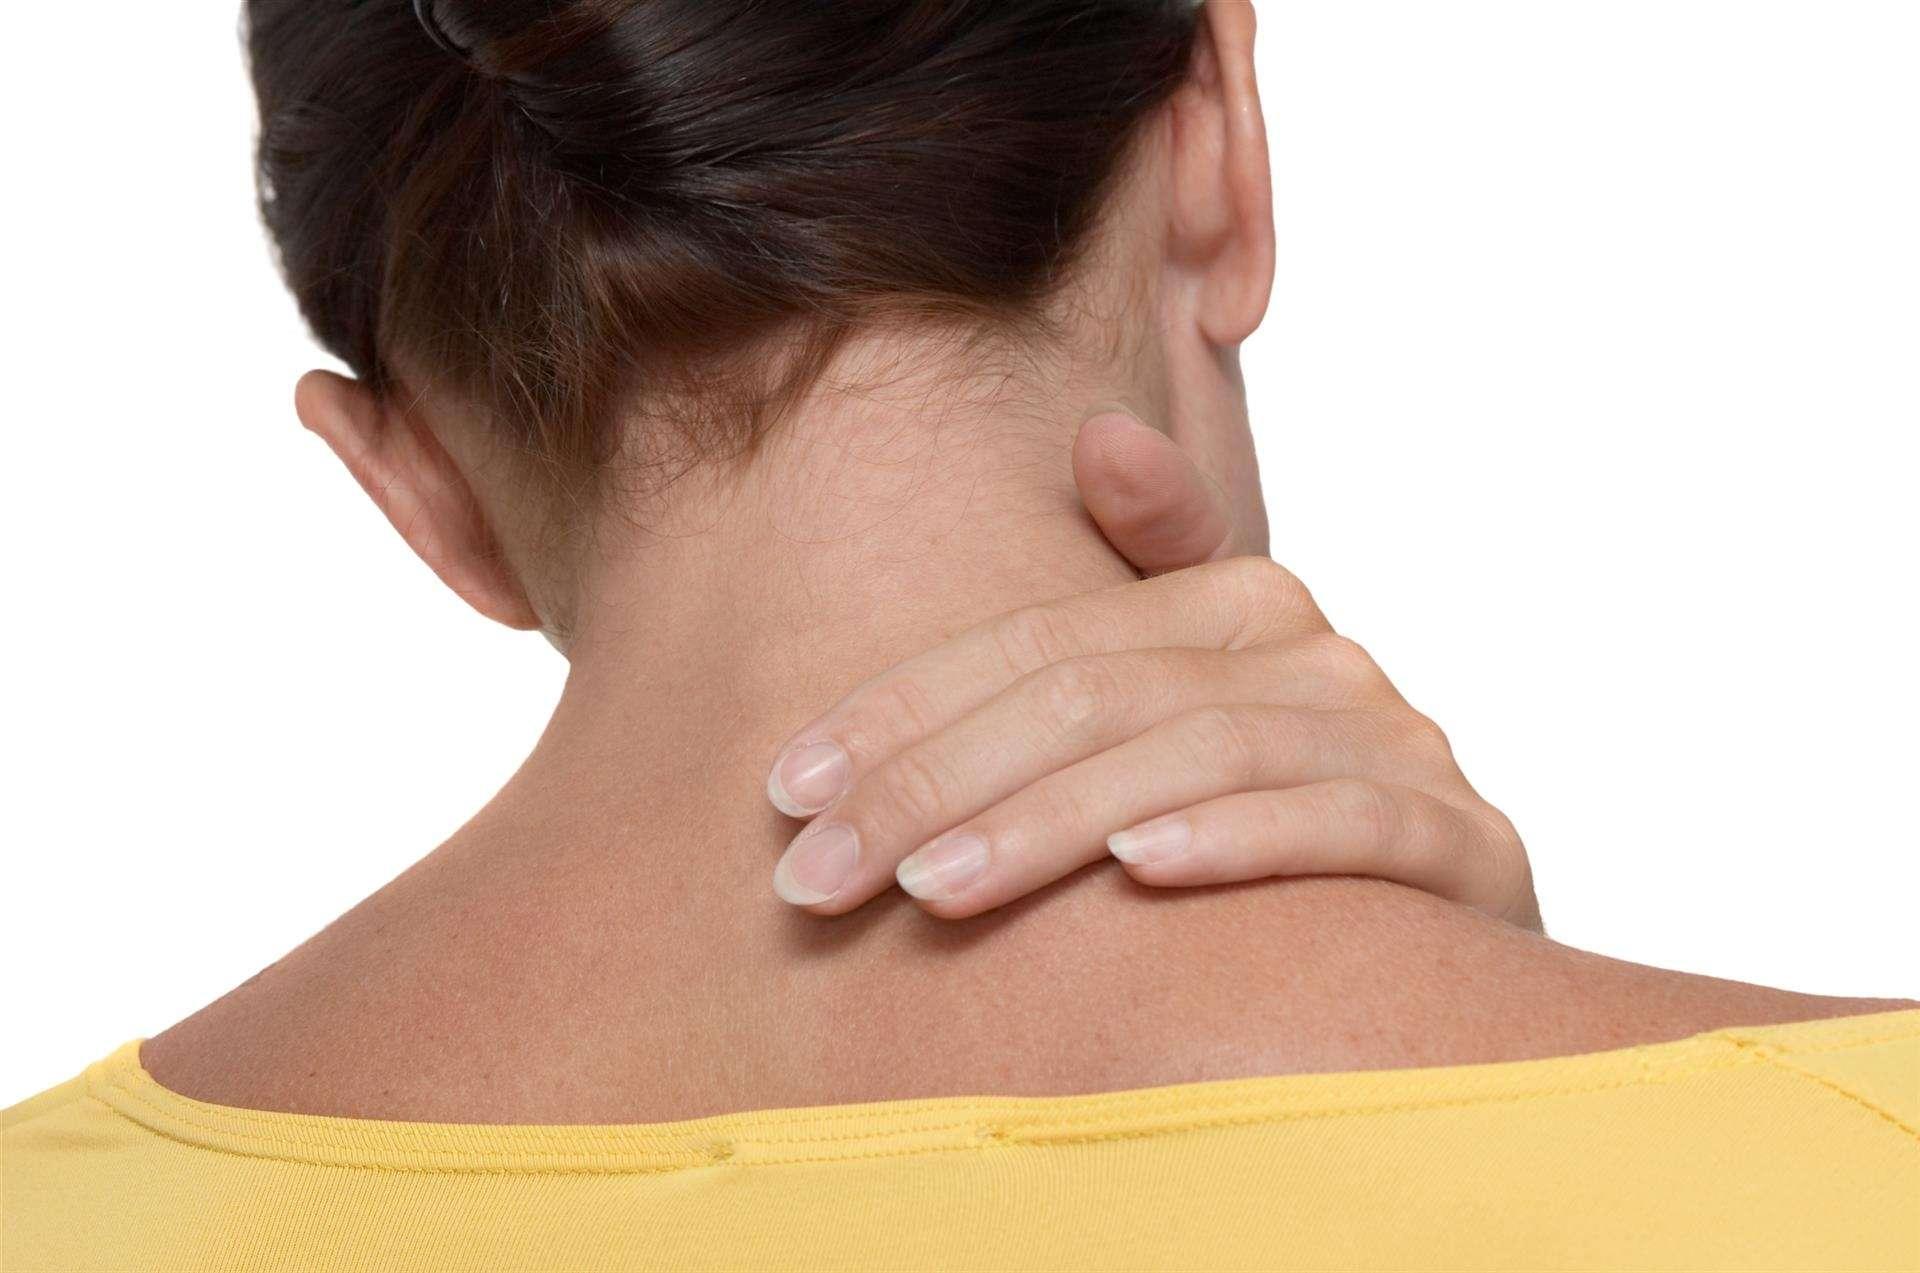 automassagem relaxante ajuda a diminuir a tensão dos músculos do pescoço